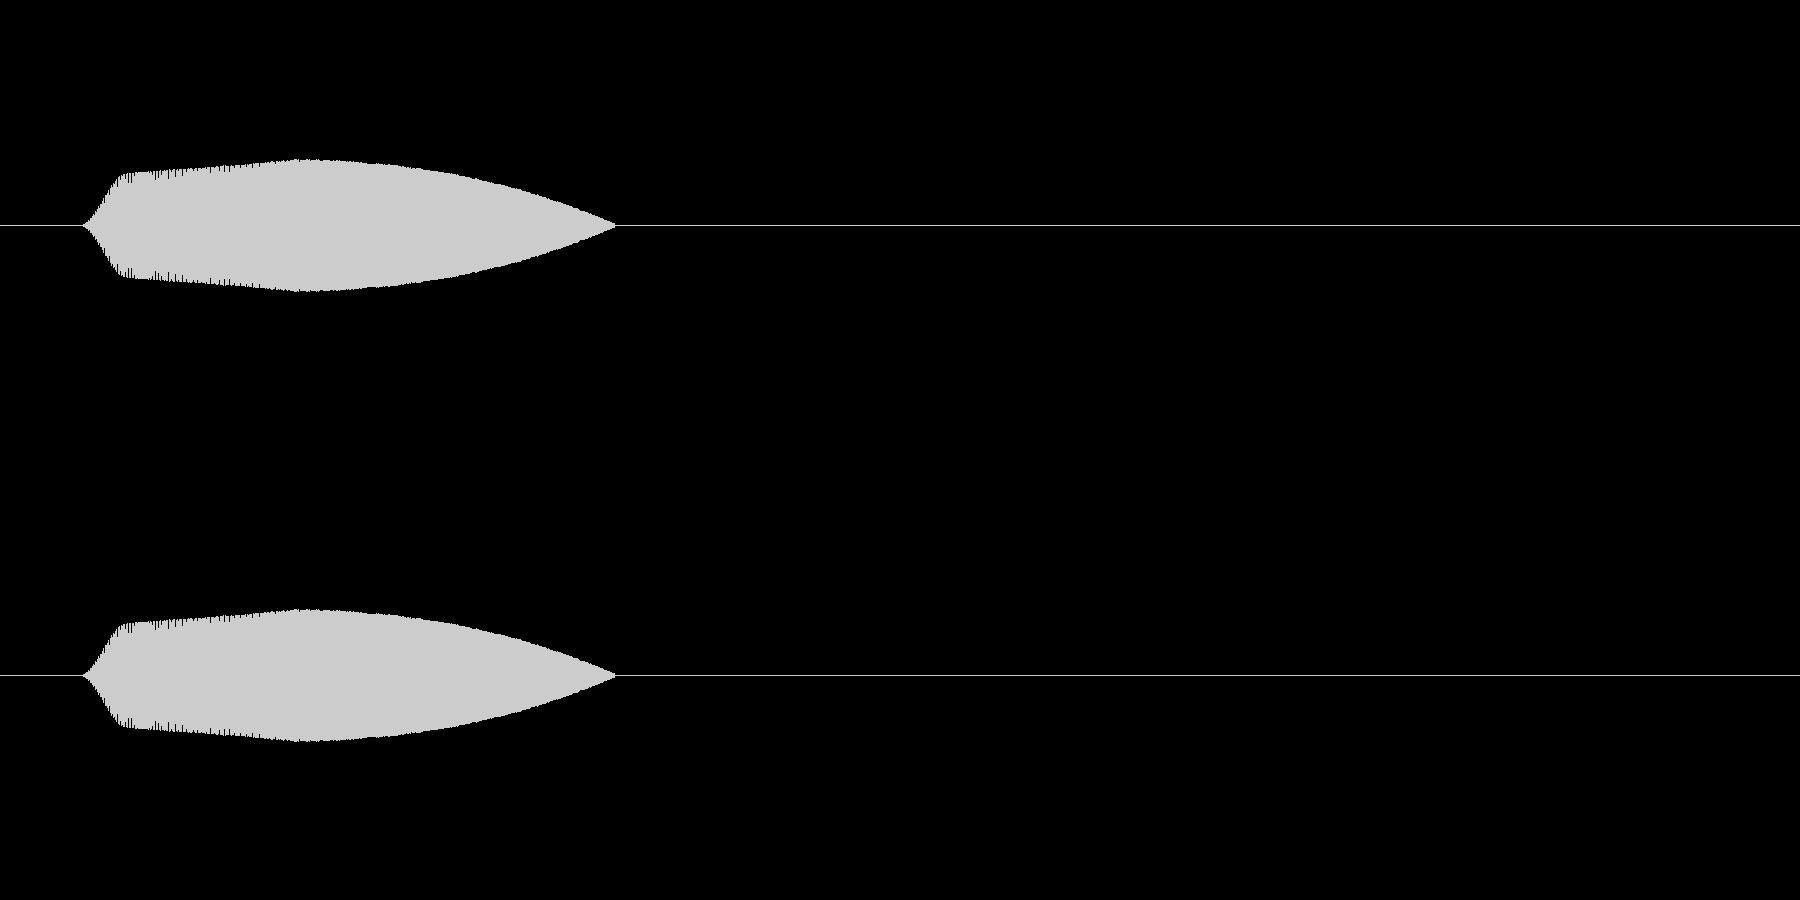 ひょいっ↑(回避音、よける音)の未再生の波形